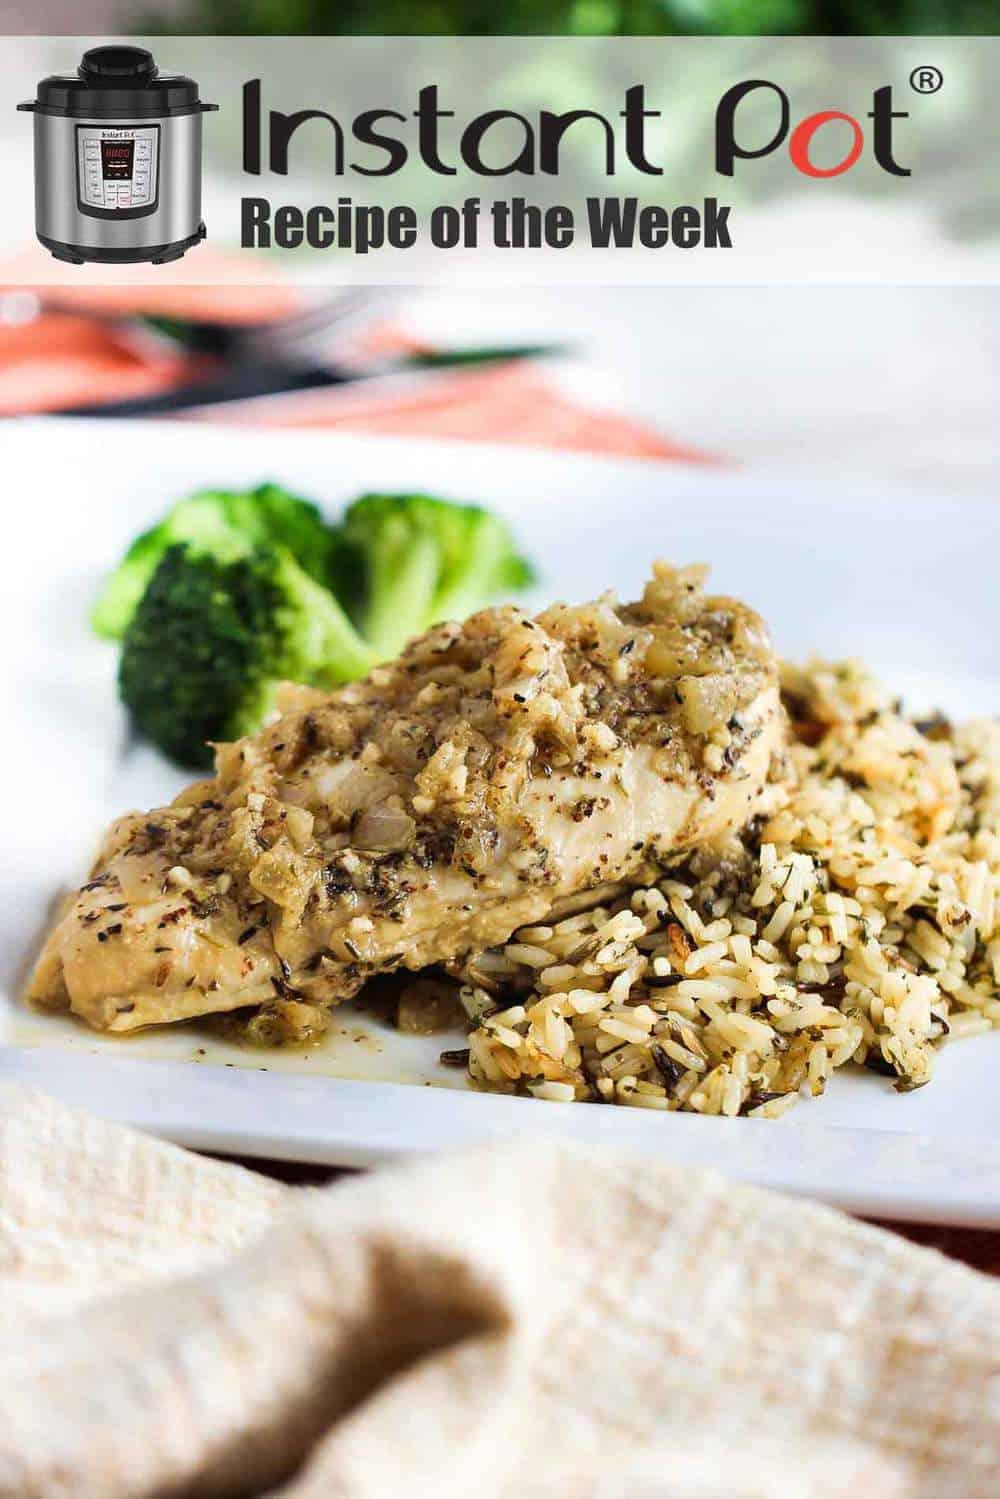 Instant Pot Dijon Chicken recipe